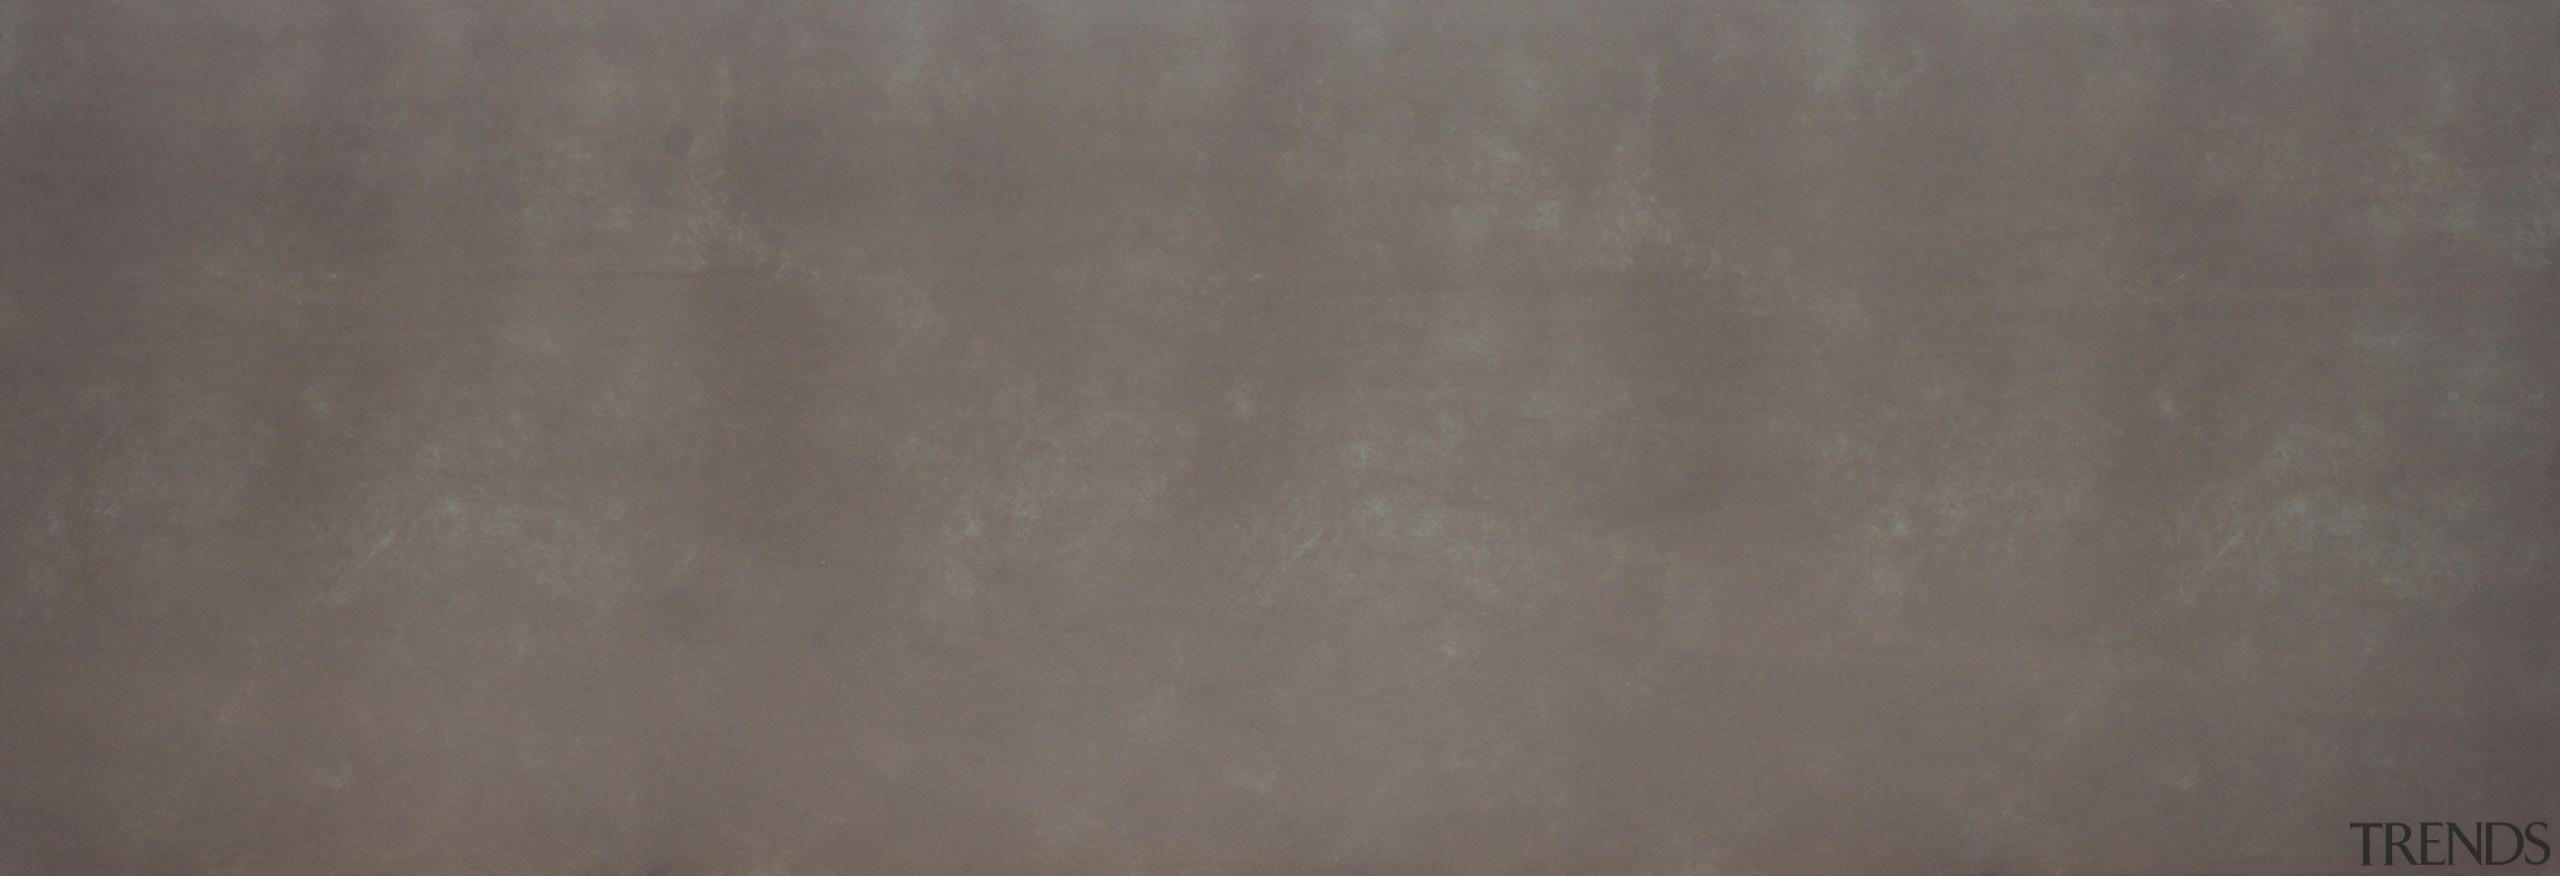 Barro - atmosphere | black | brown | atmosphere, black, brown, floor, flooring, light, line, material, texture, white, wood, gray